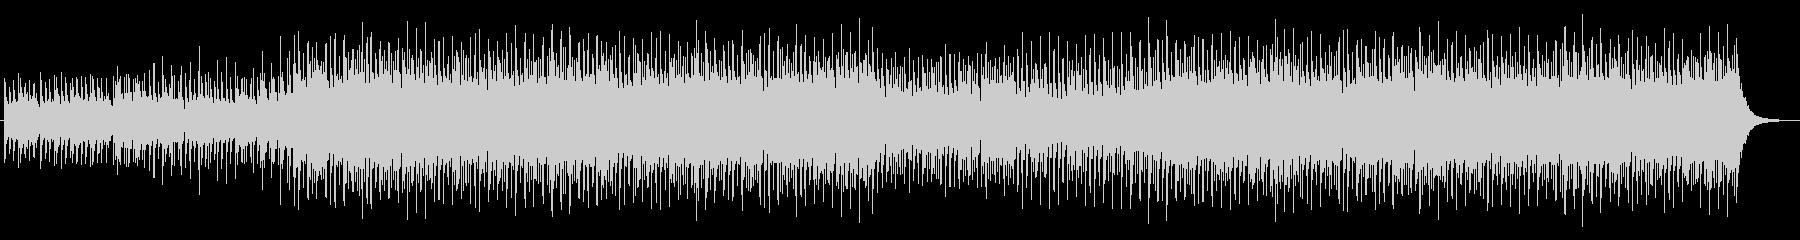 コーポレートミュージック4の未再生の波形